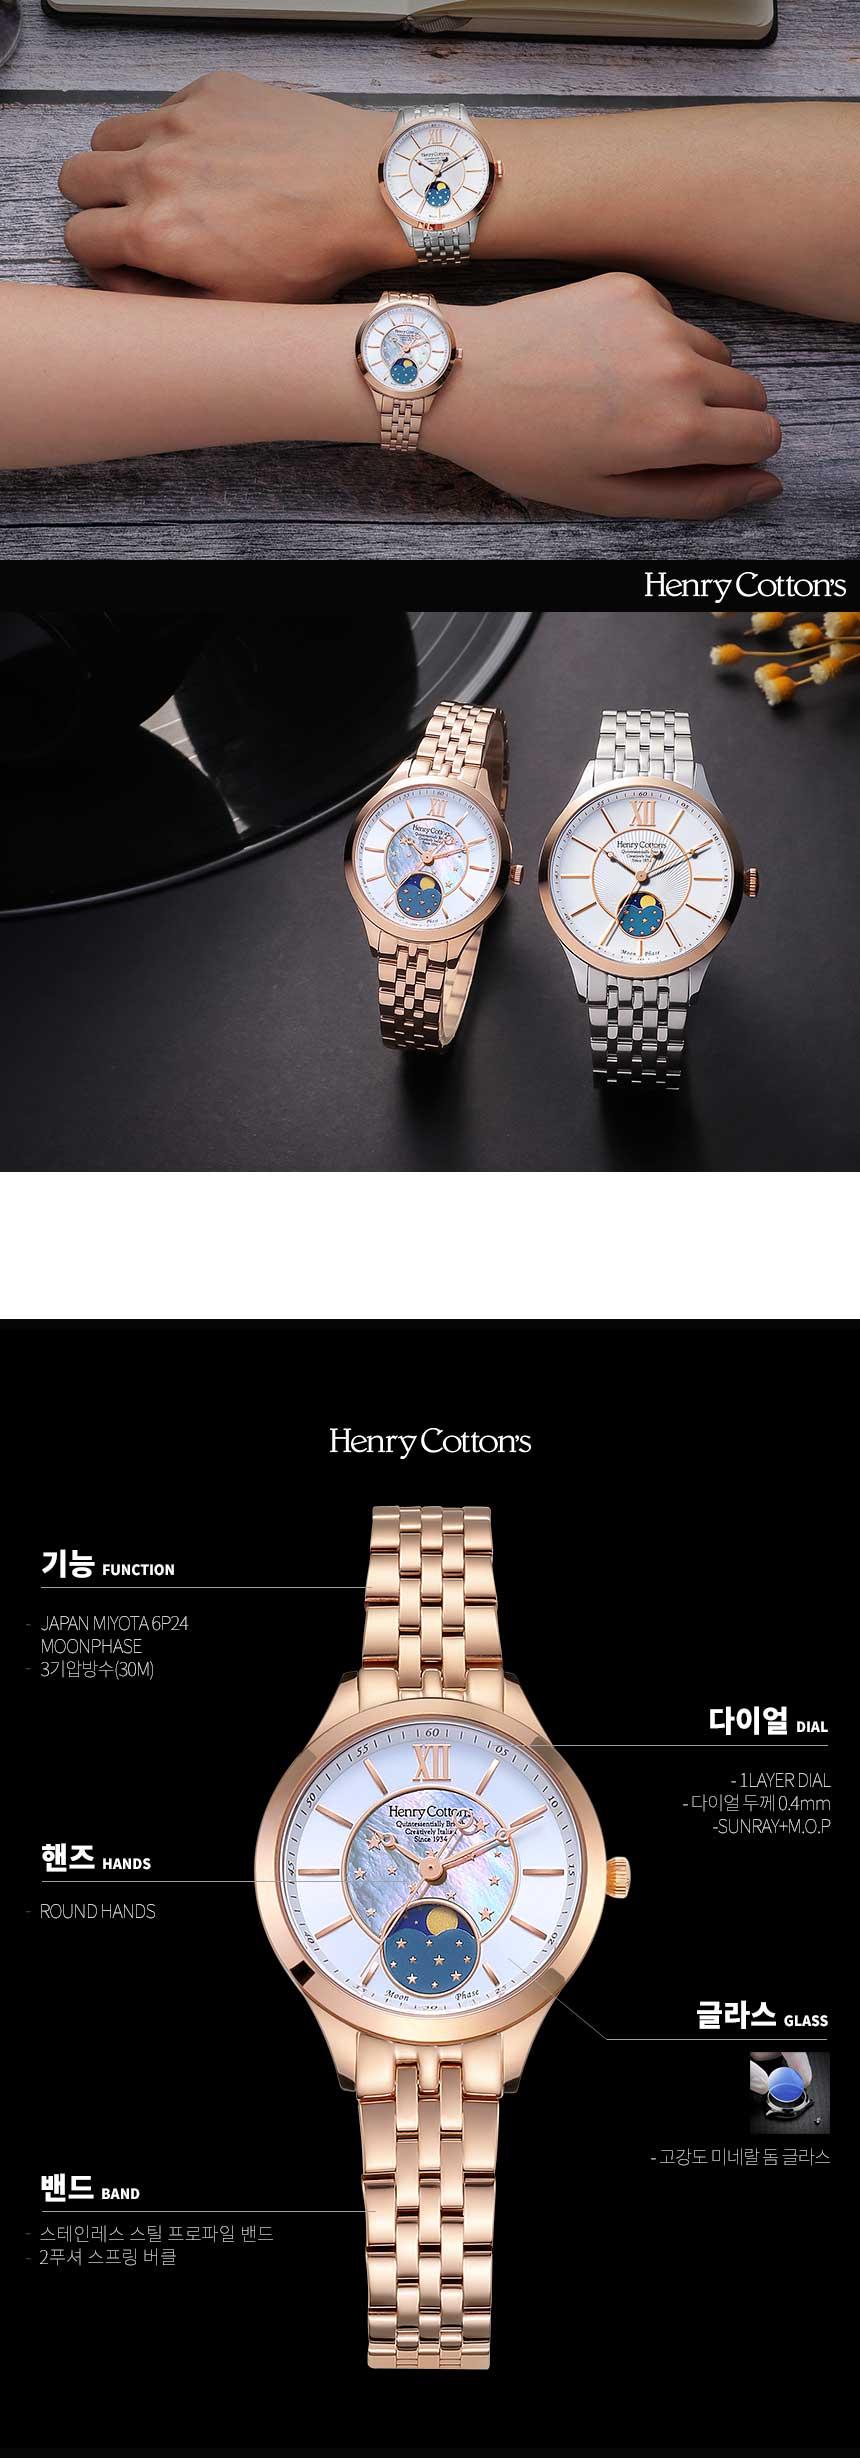 헨리코튼(HENRY COTTON'S) 여자 문페이즈 메탈시계 HC722LM-RG